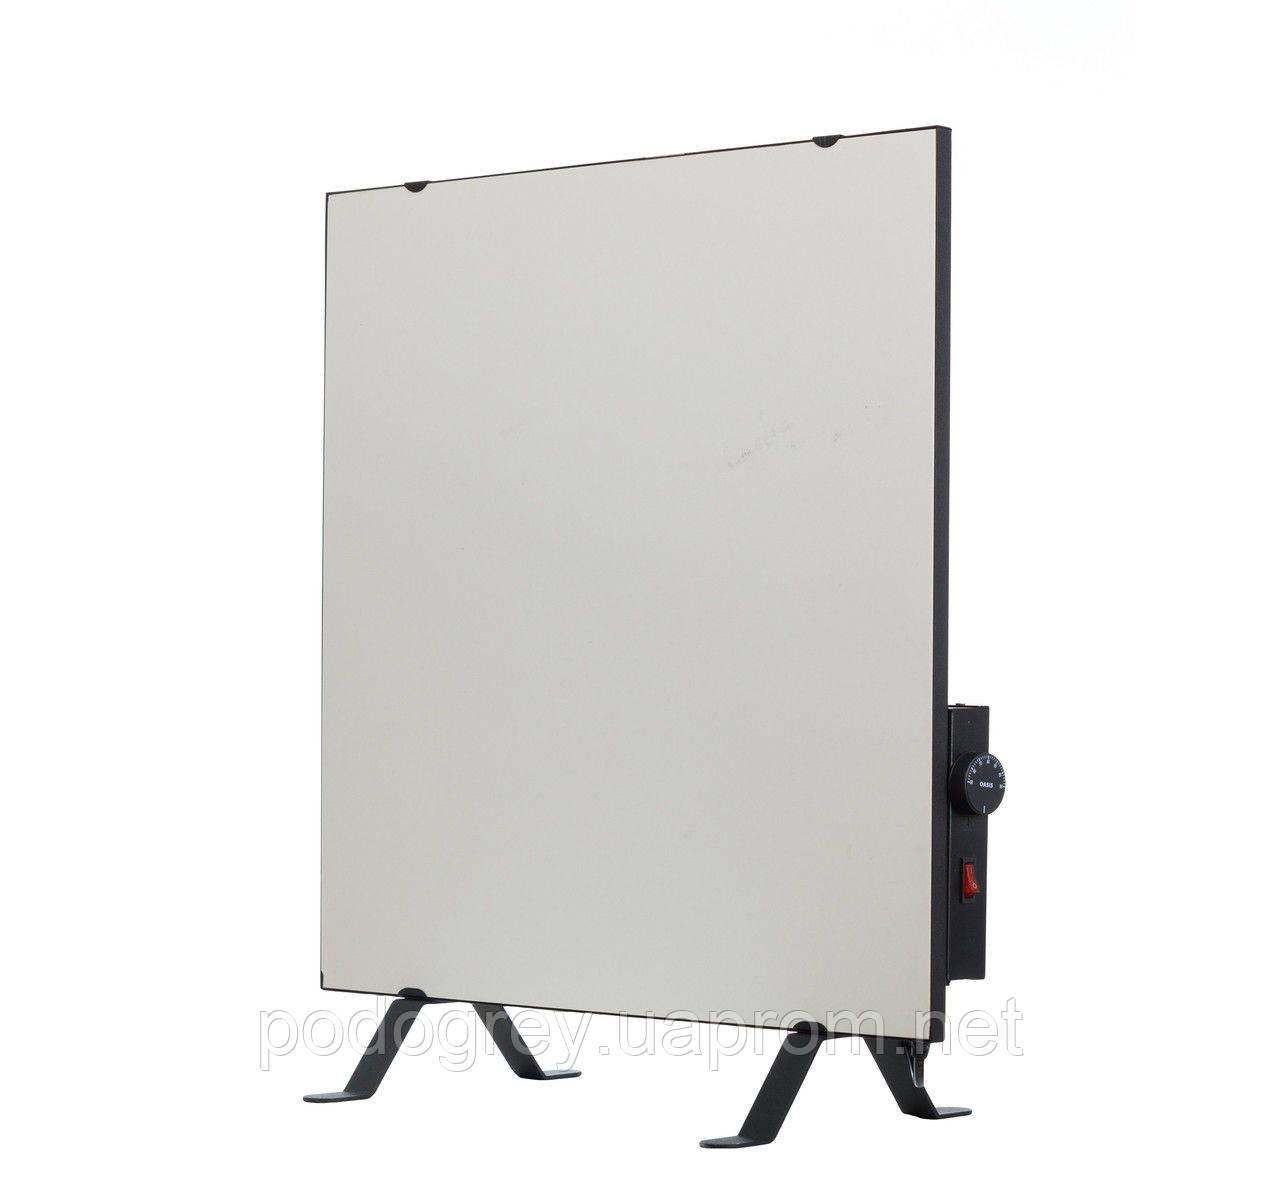 Керамическая панель Ensa CR 500T